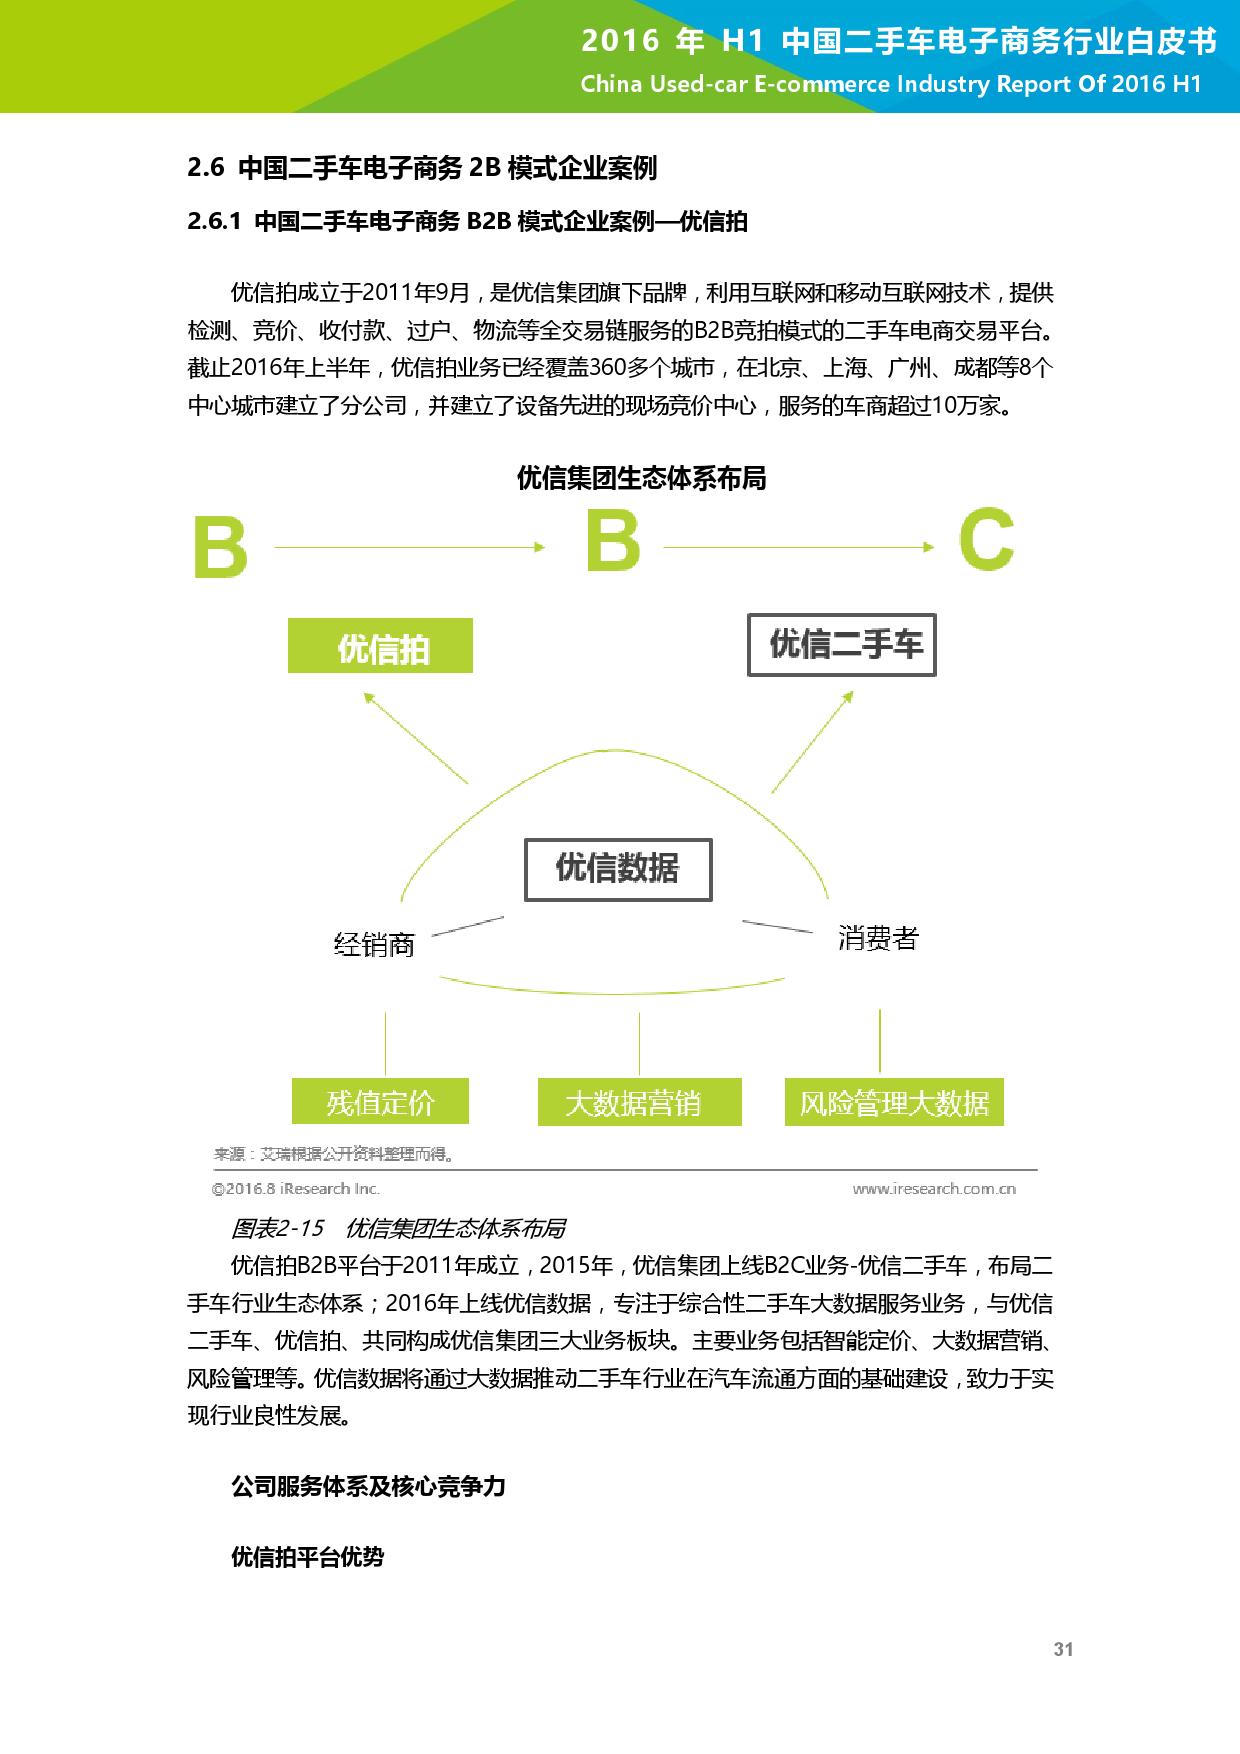 2016年H1中国二手车电子商务行业白皮书_000032